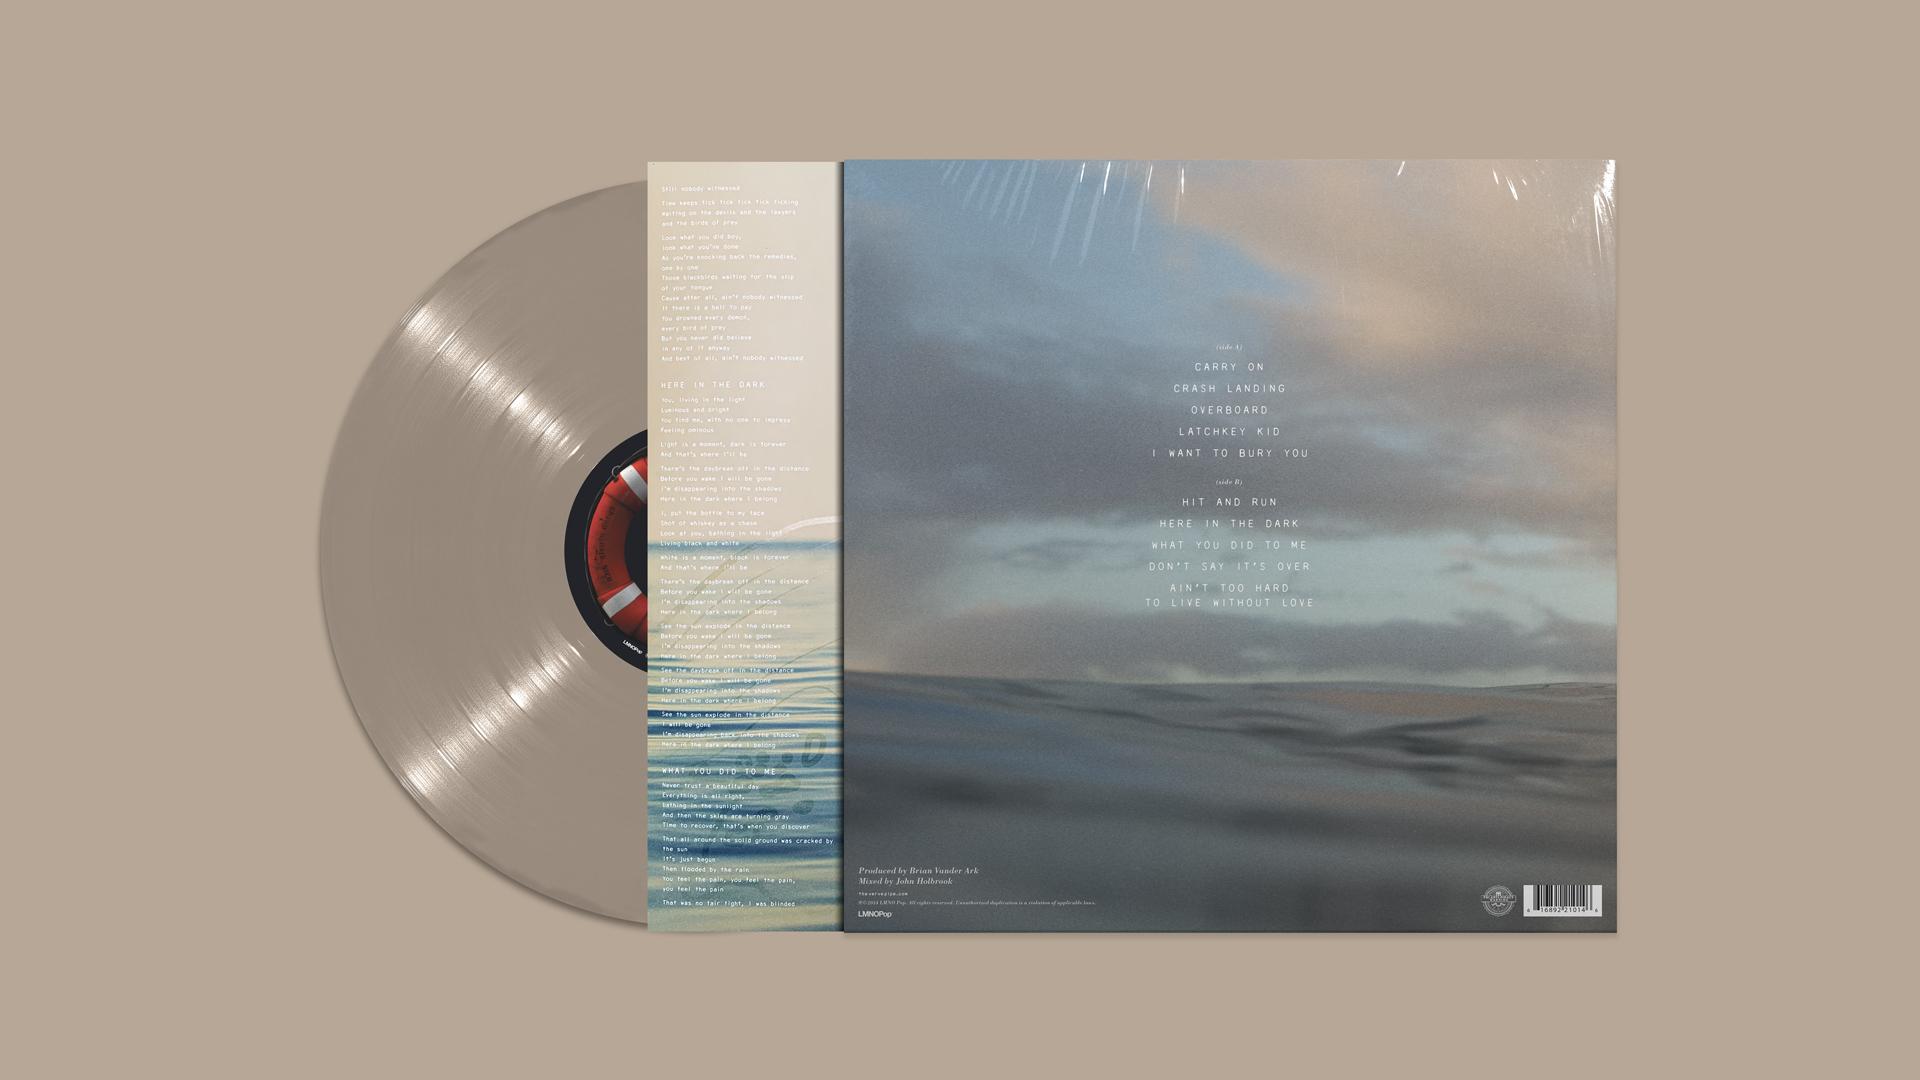 TVP_Overboard_vinyl_1920x1080_01_0001_Ba